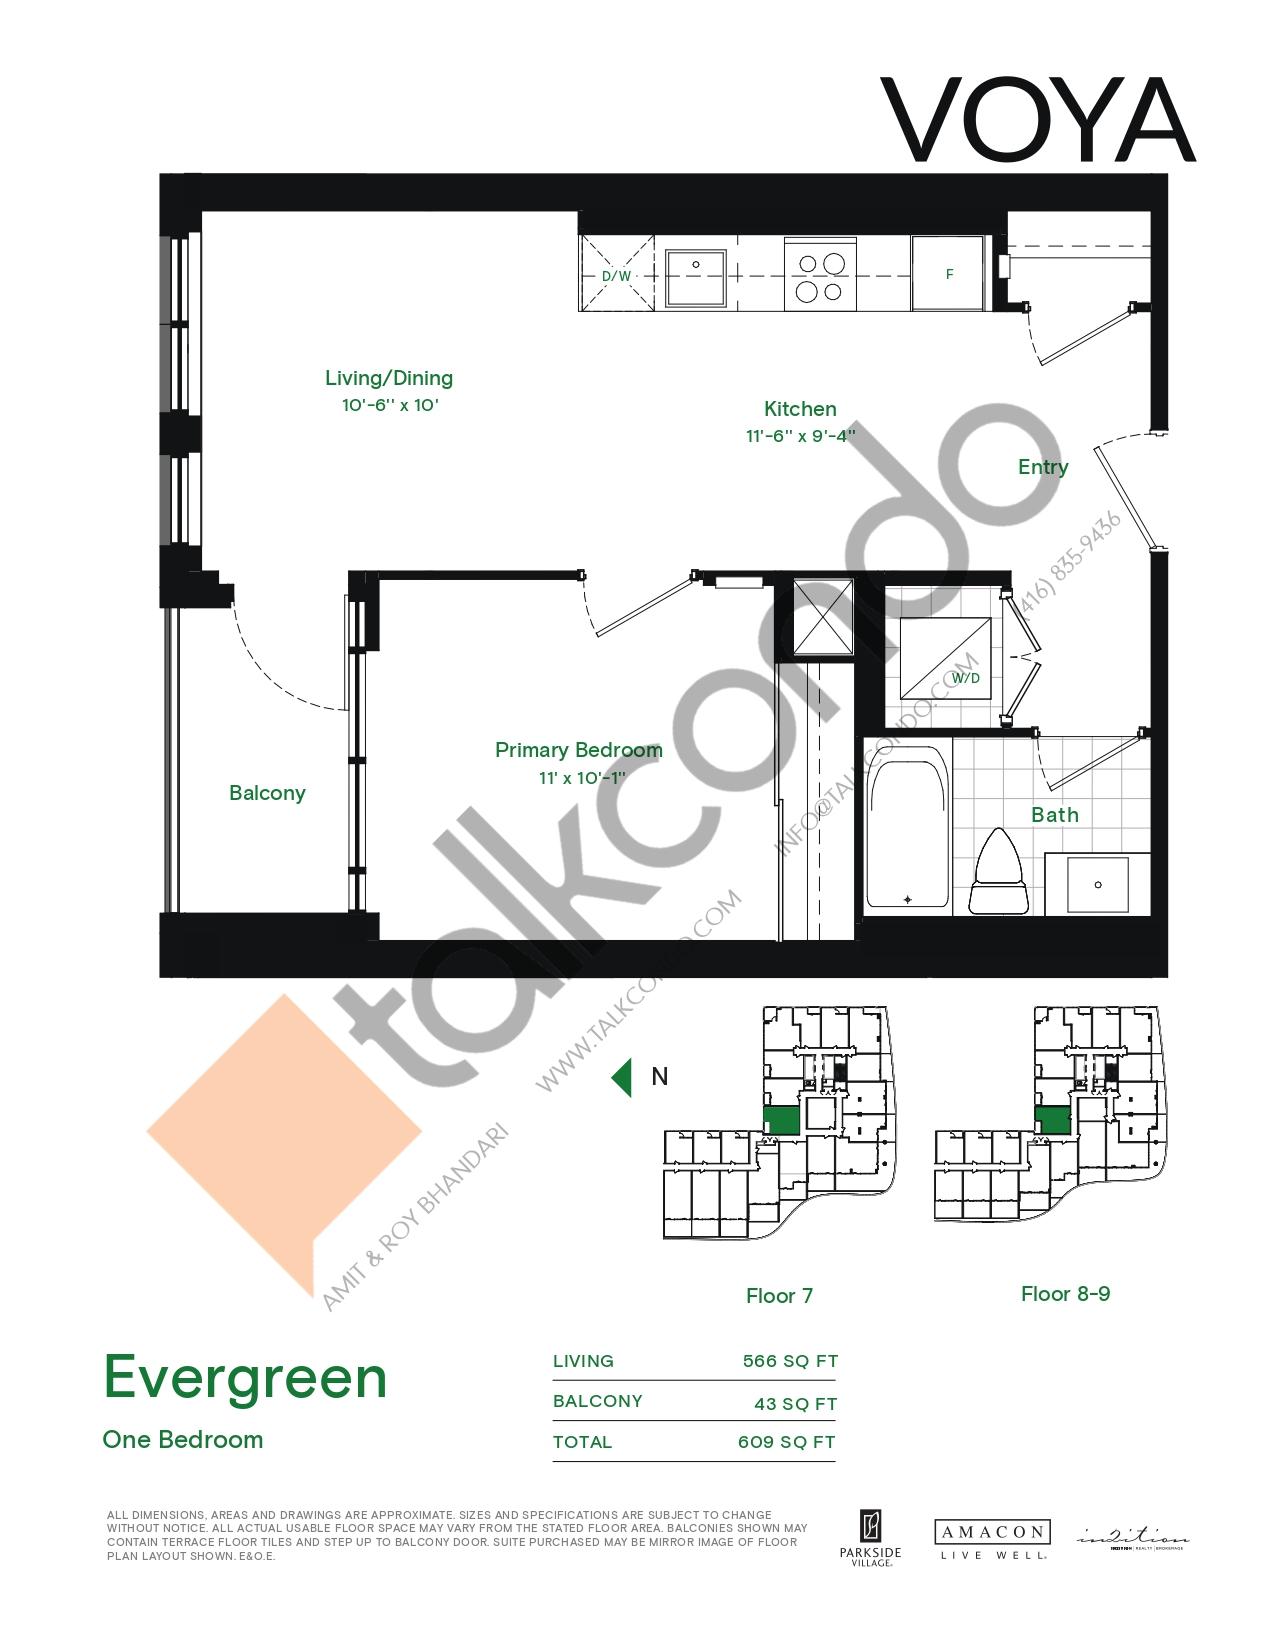 Evergreen (Podium) Floor Plan at Voya at Parkside Village Condos - 566 sq.ft